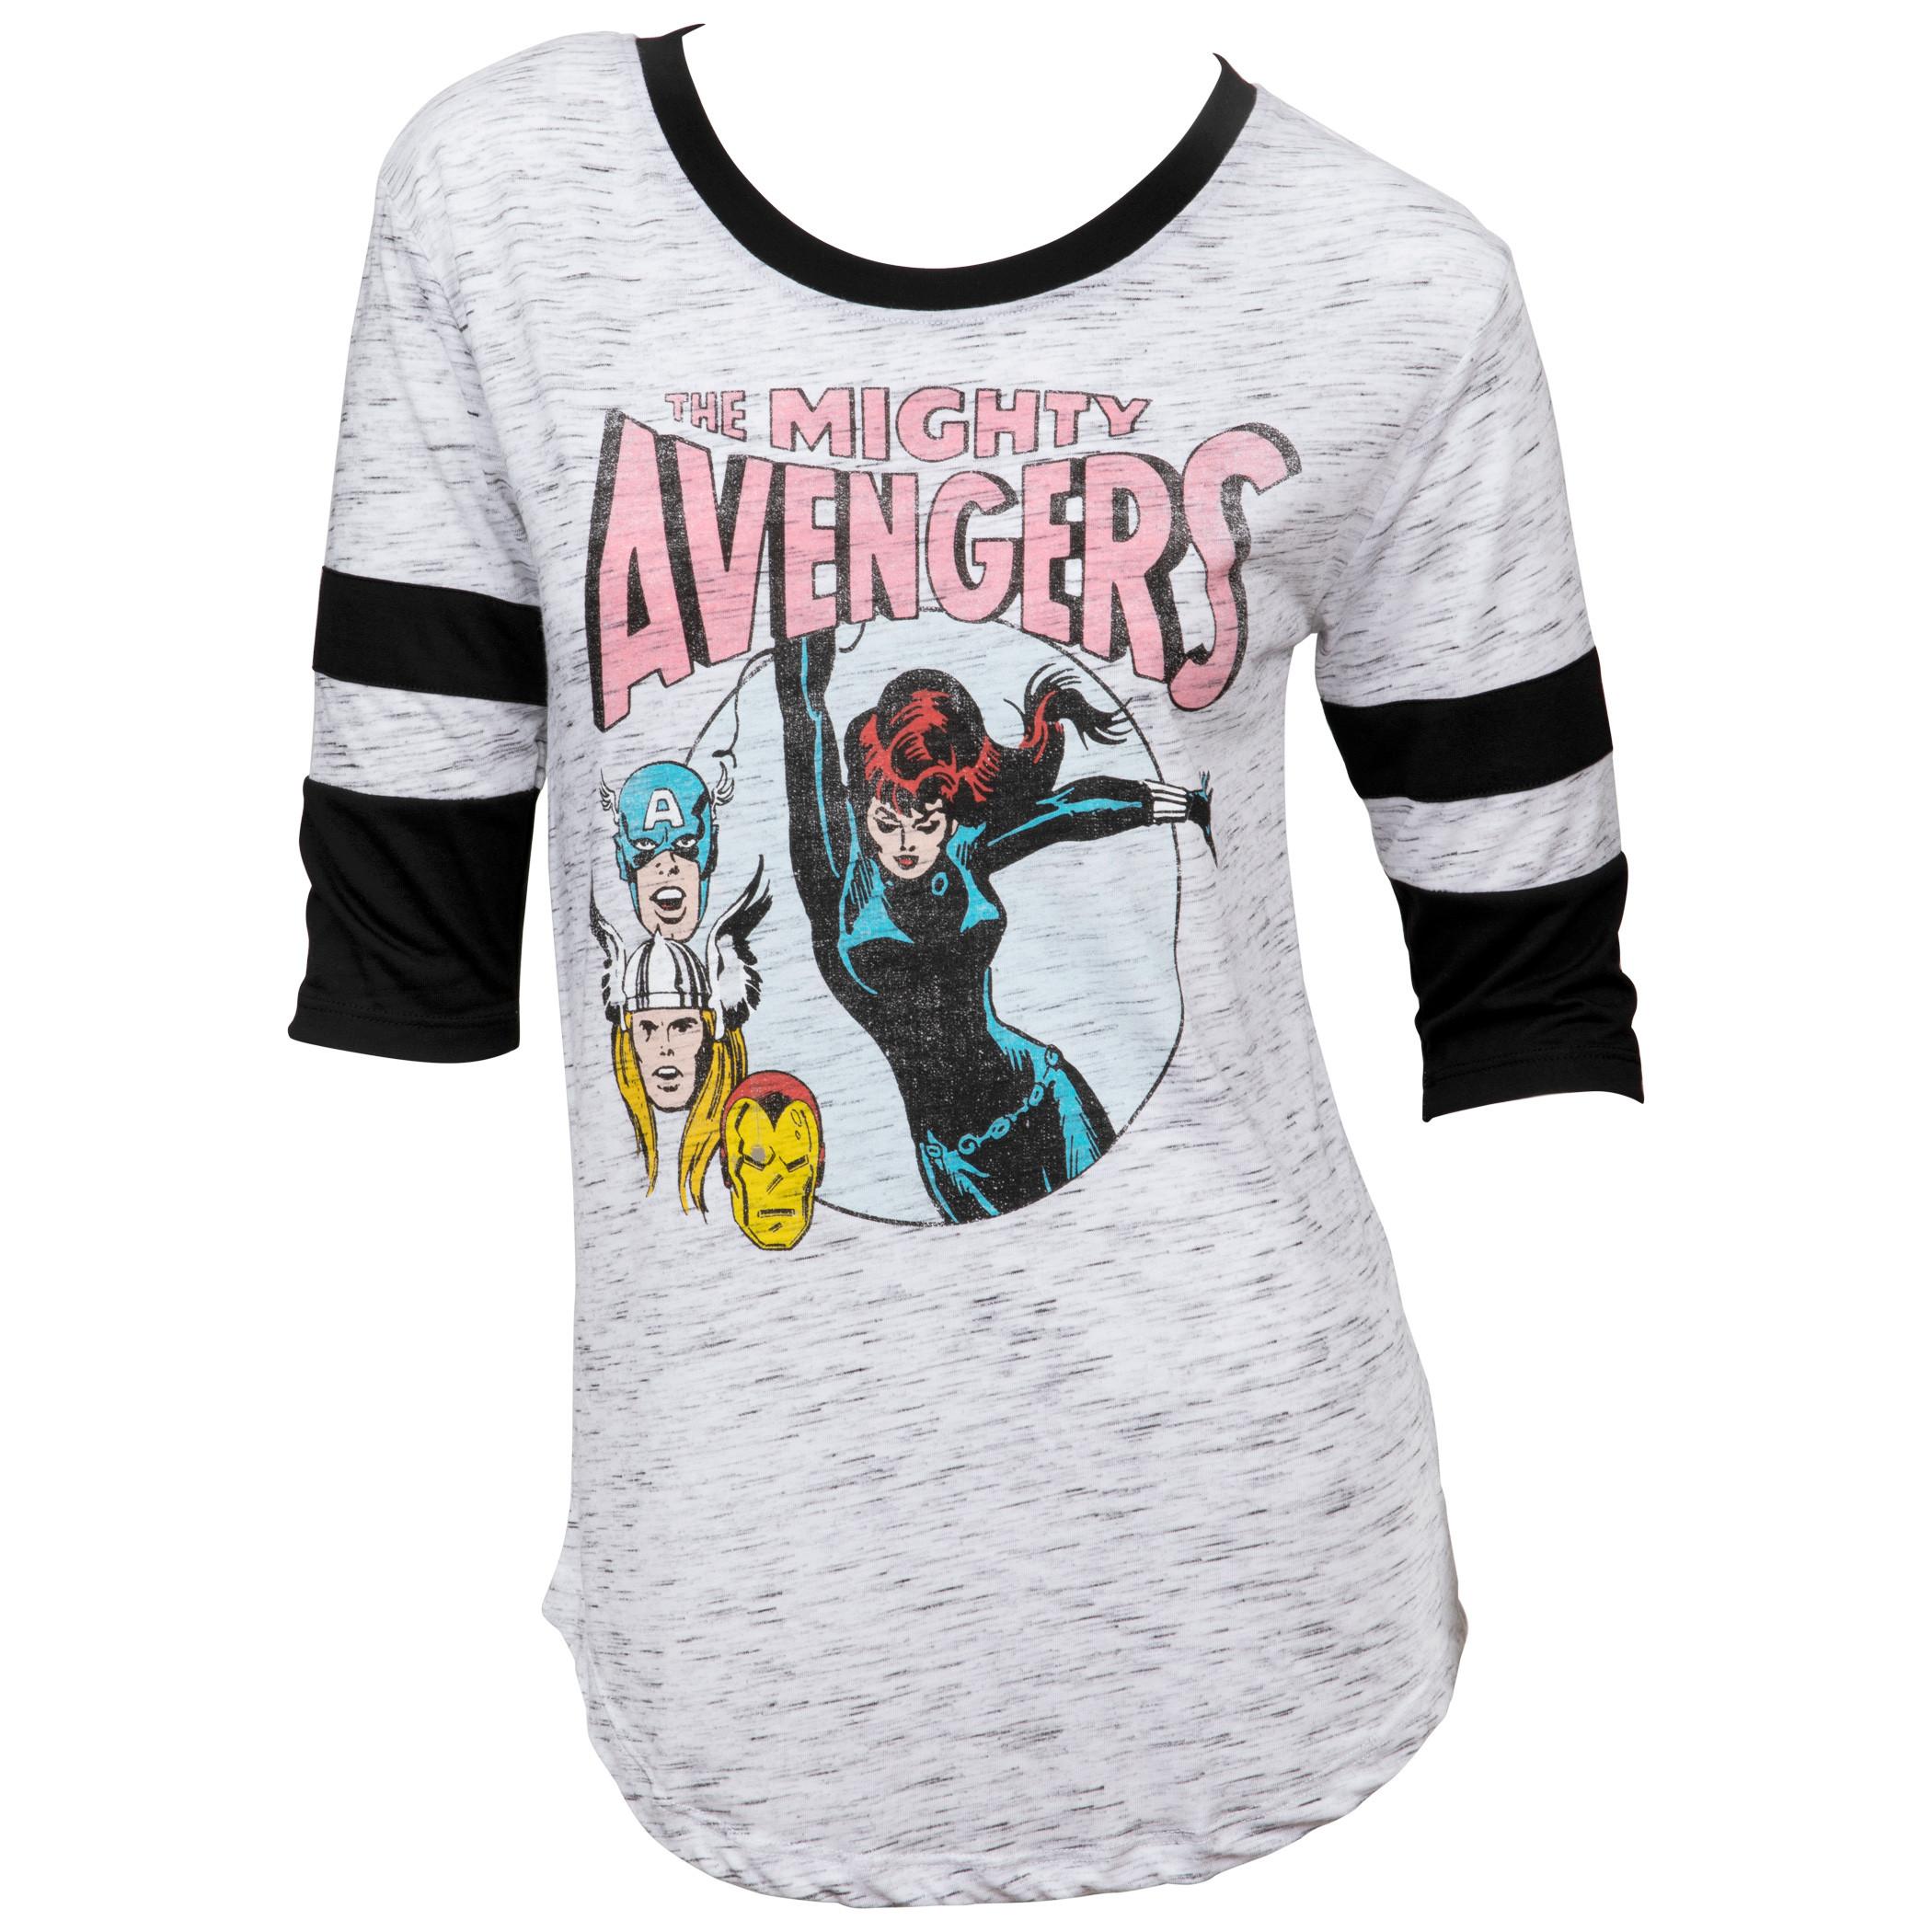 Marvel Avengers Black Widow Swinging Women's 3/4 Sleeve Scoop Neck Top